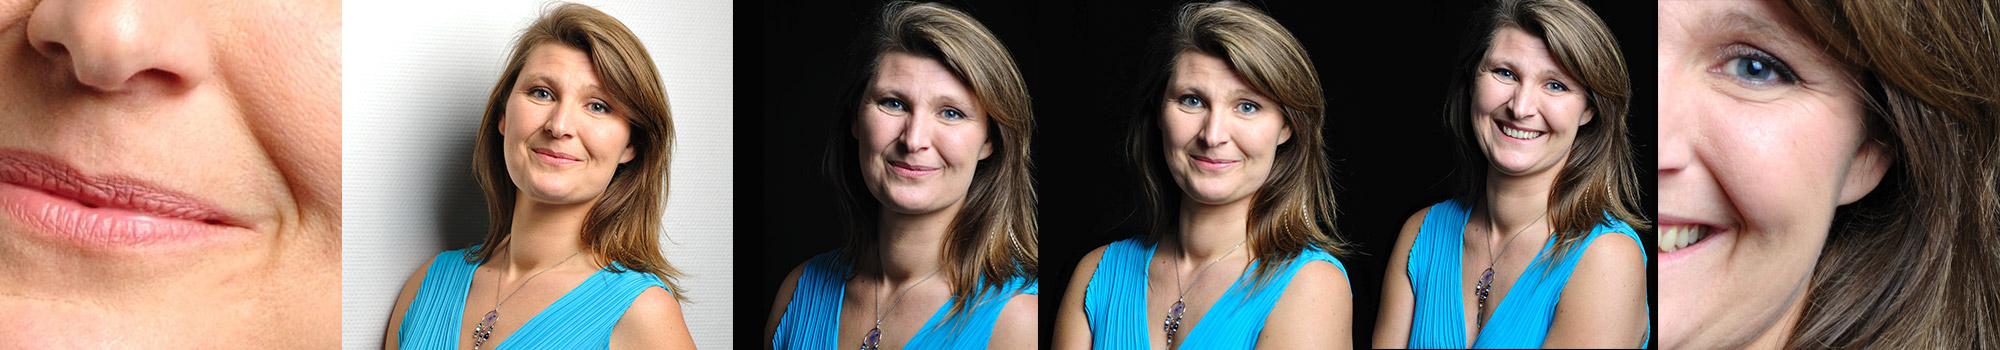 Virginie Rastello Longet, cabinet Luminescences, accompagnement du développement personnel et professionnel à Nantes